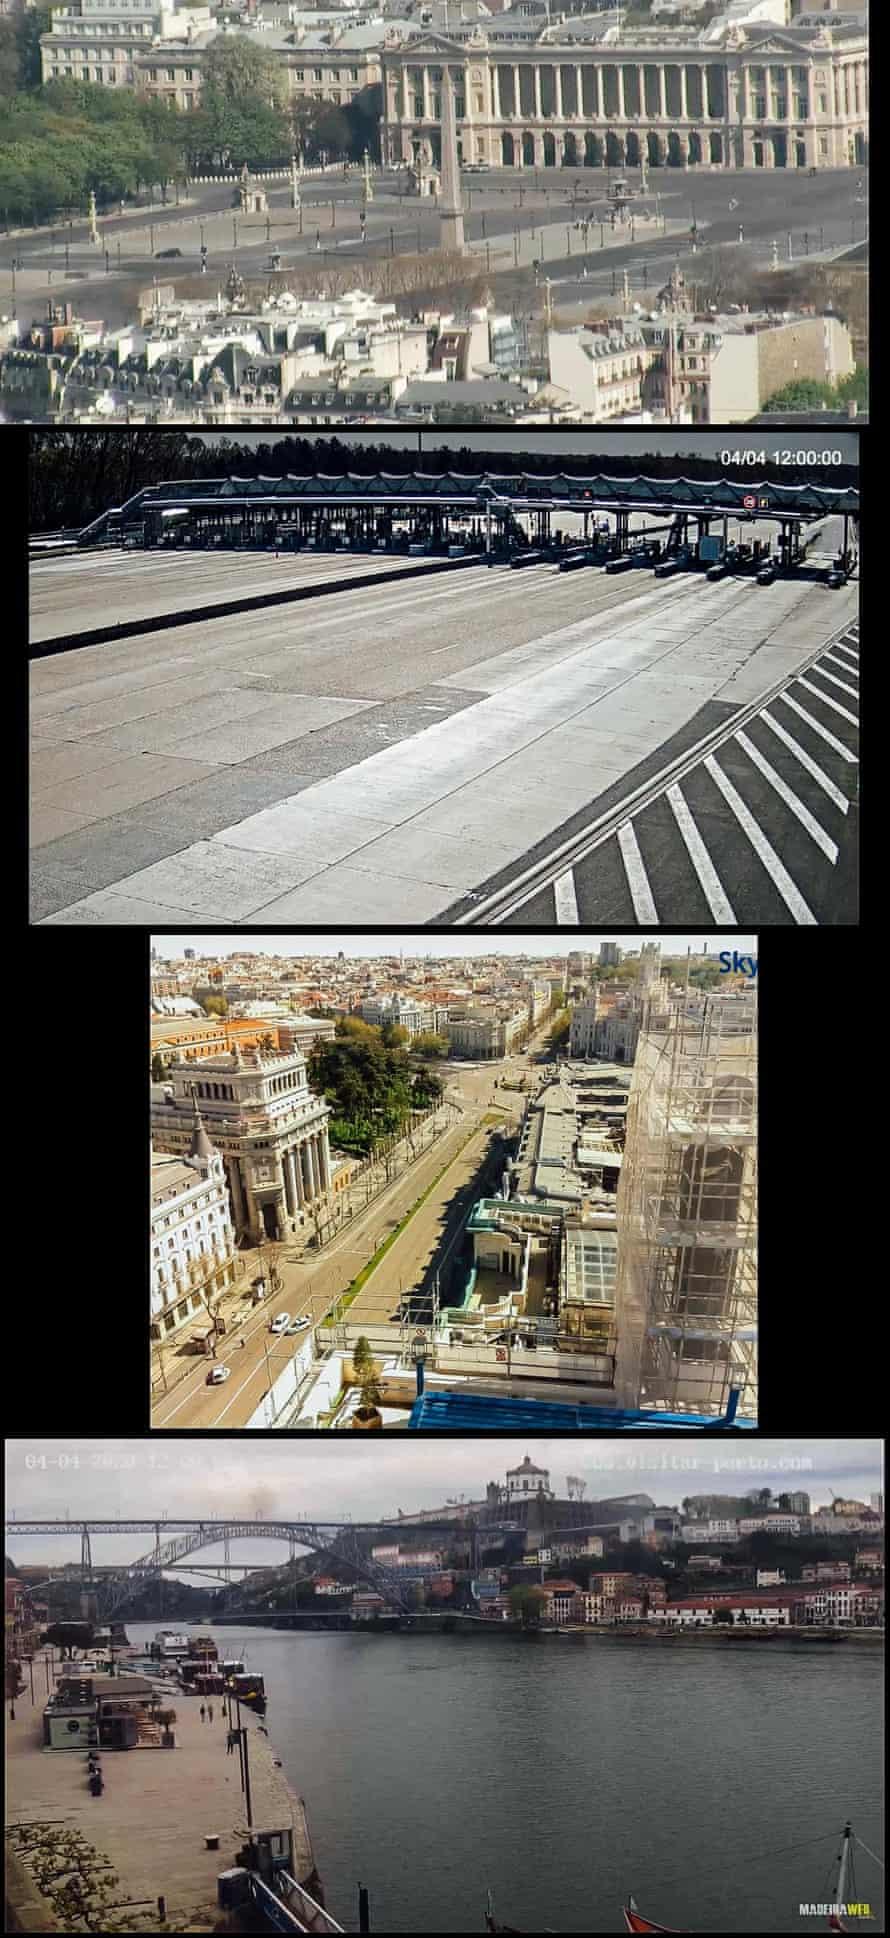 Place de la Concorde, Paris; A6 highway tollbooth, Melun, France (camera directed towards Lyon); Calle de Alcalá, Madrid, Spain; Porto, Portugal